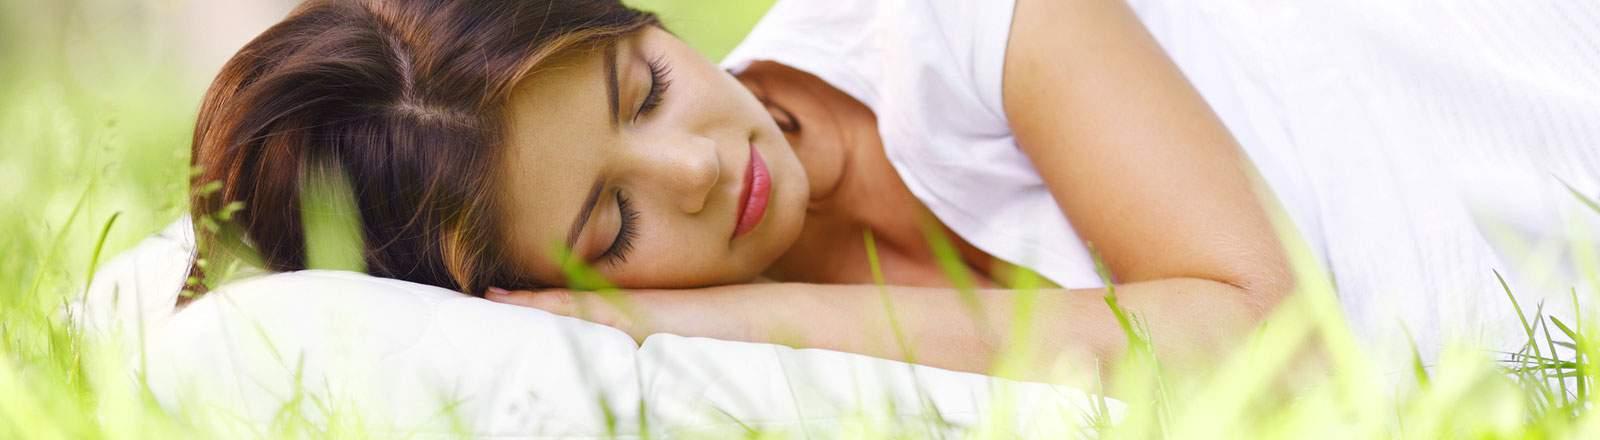 Sleep and Dream Tablets